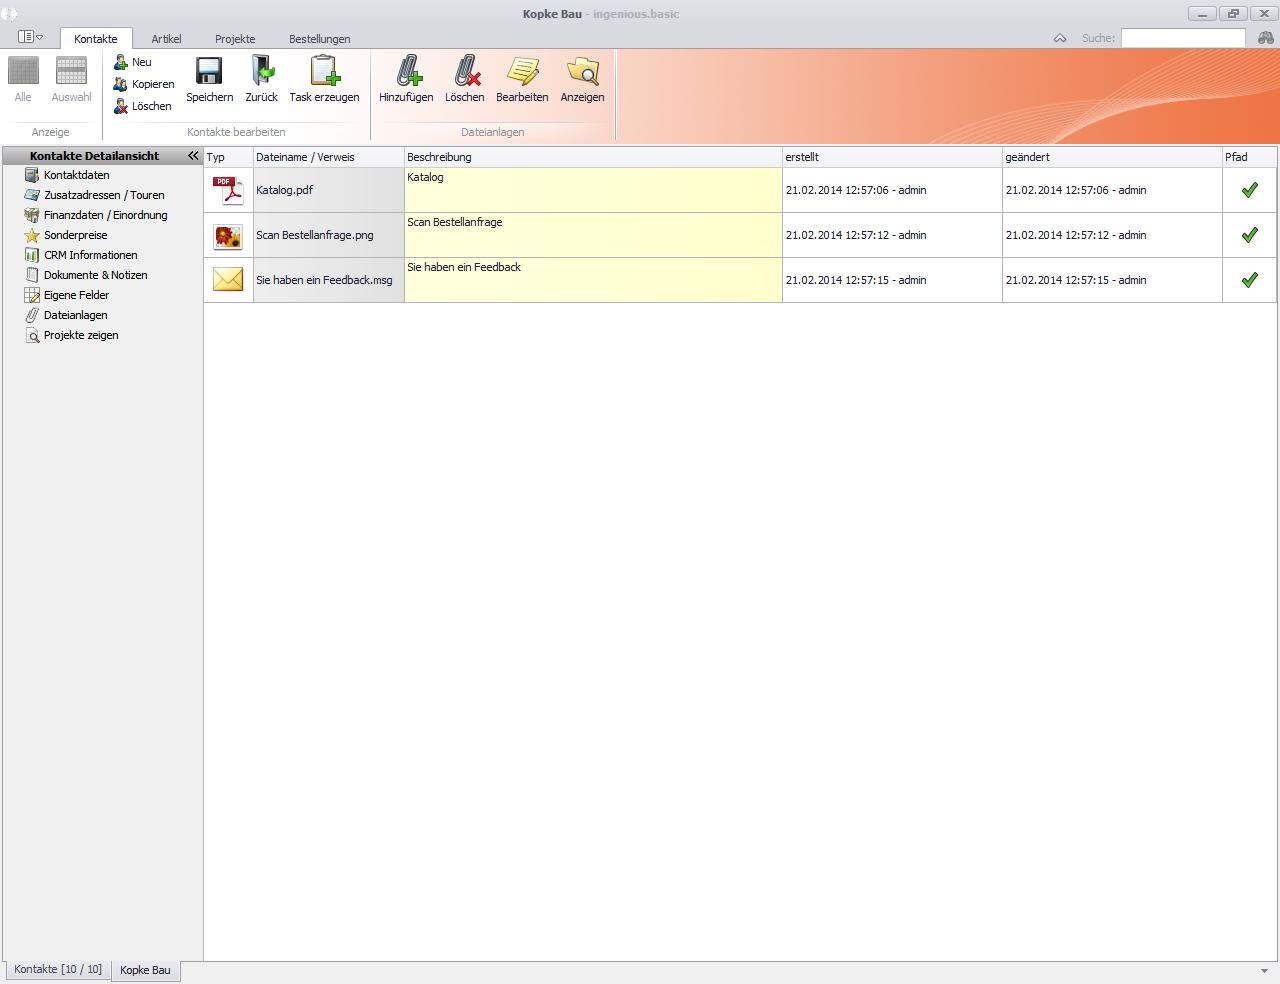 Kontakte Detailansicht Dateianlagen